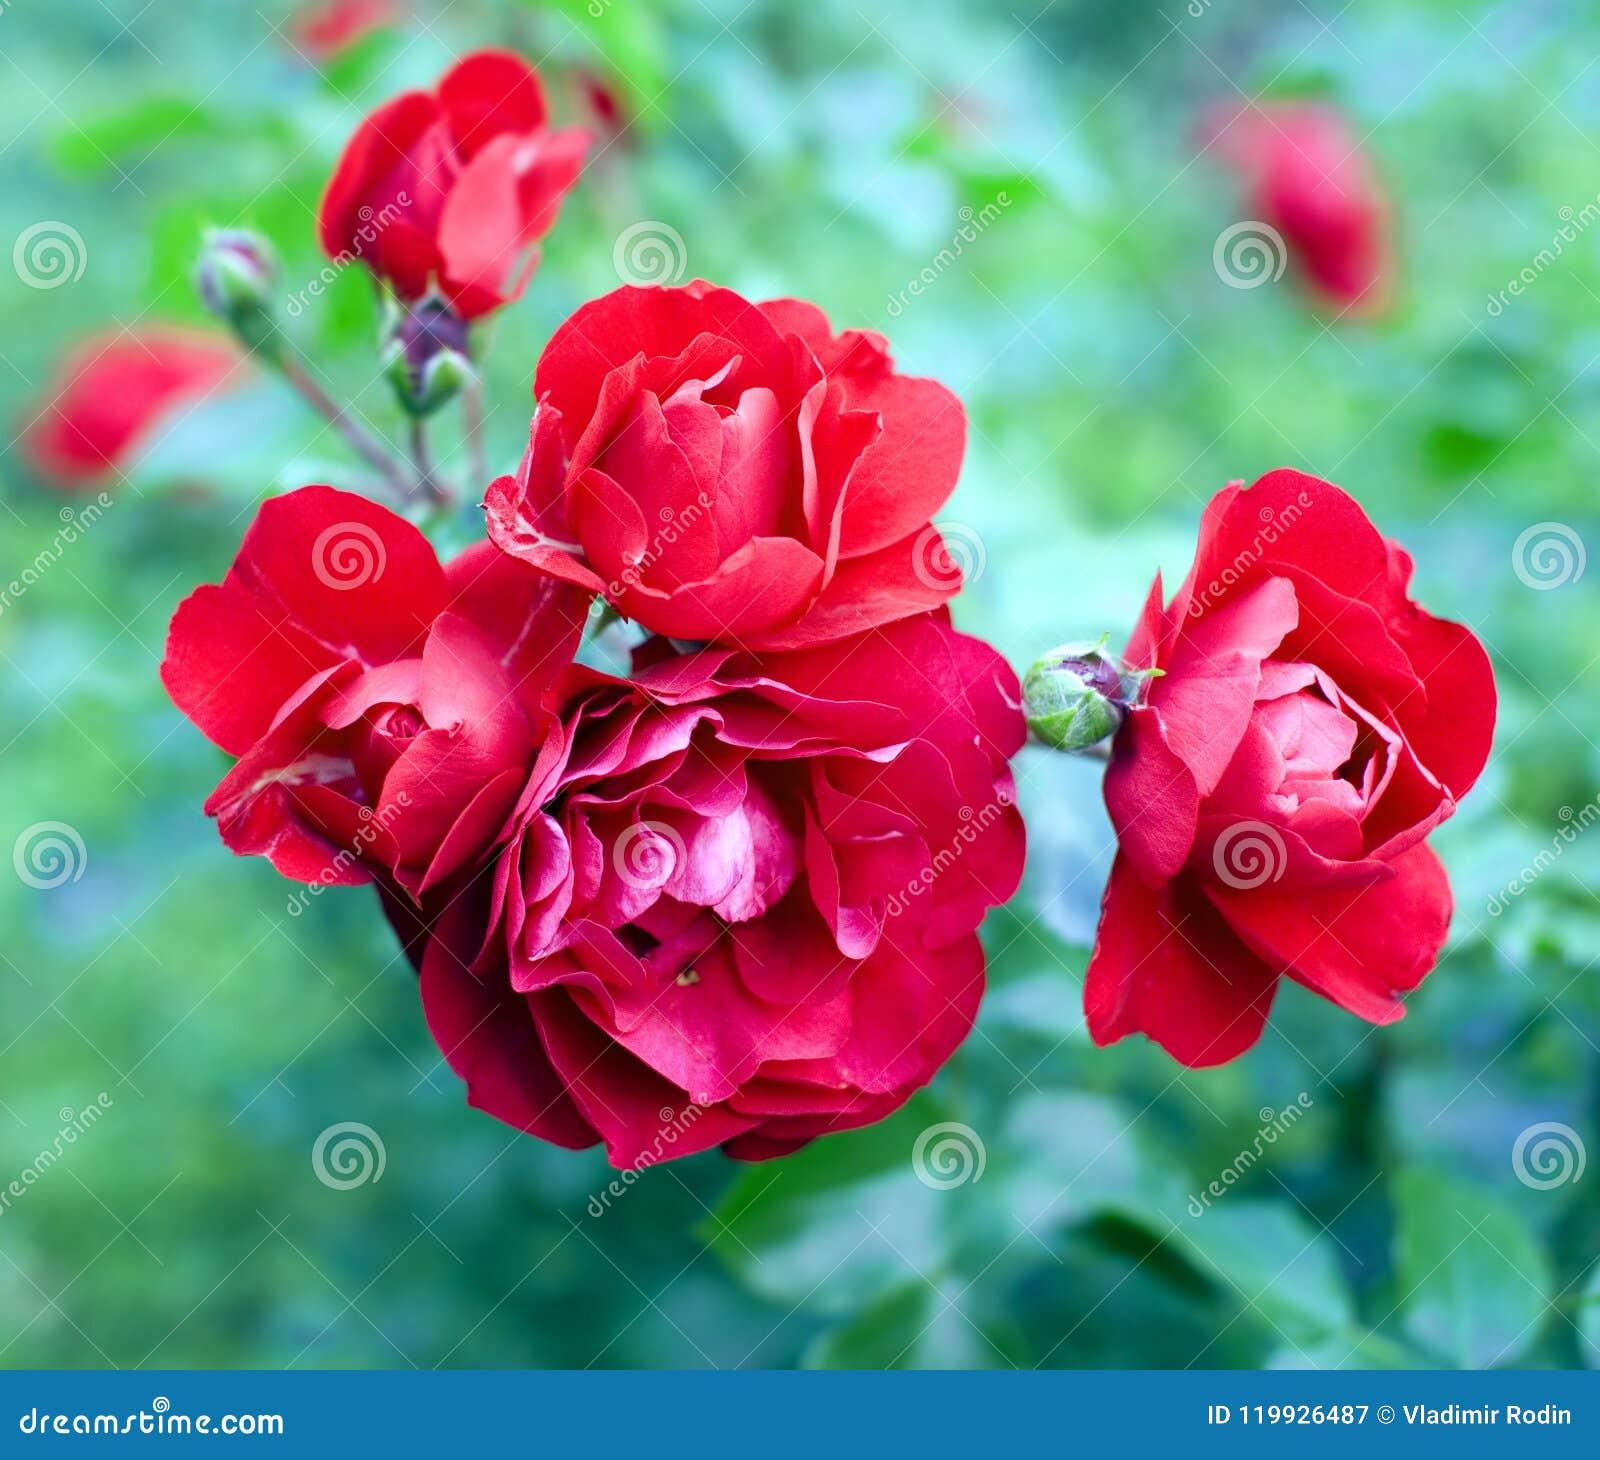 Amour De Symbole De Parfum De Jardin De Plante Ornementale